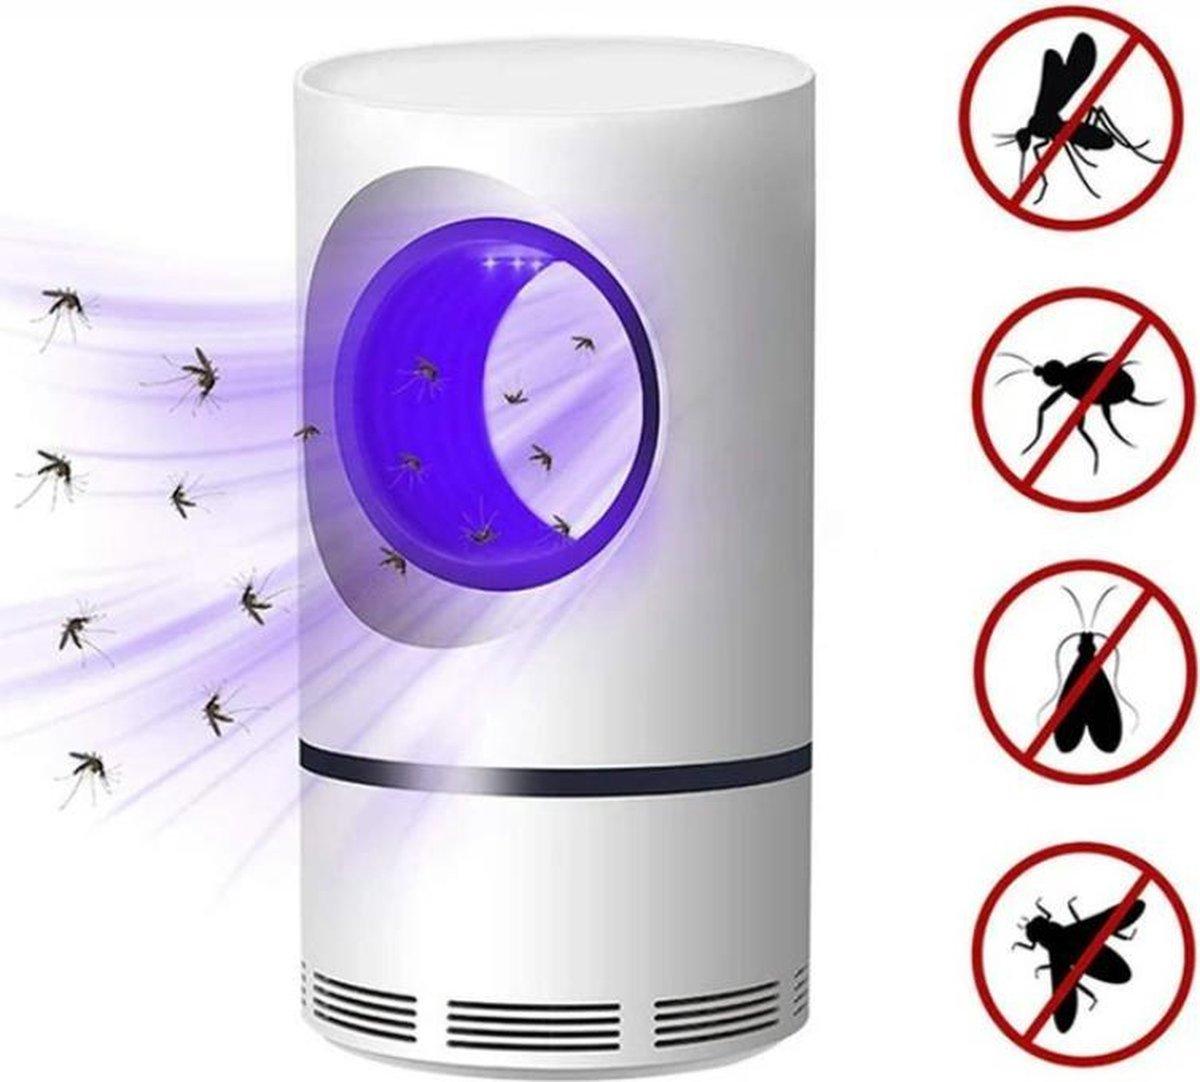 Muggenvanger - Insectenlamp - mosquito killer - stil - uv lamp - 5m bereik - geen last van vliegen o